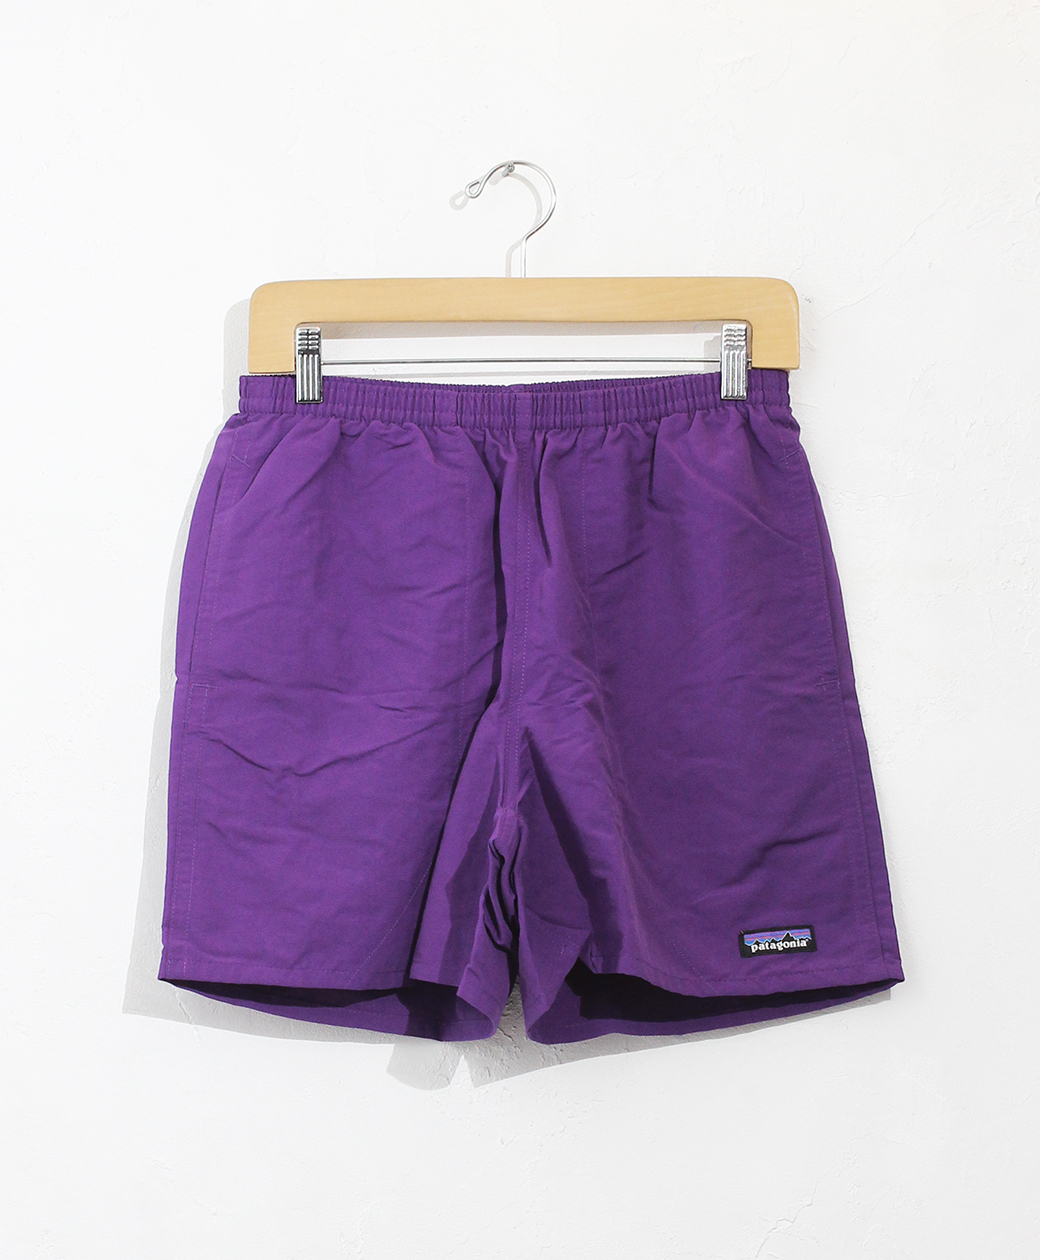 patagonia M's Baggies Shorts 5(PUR)